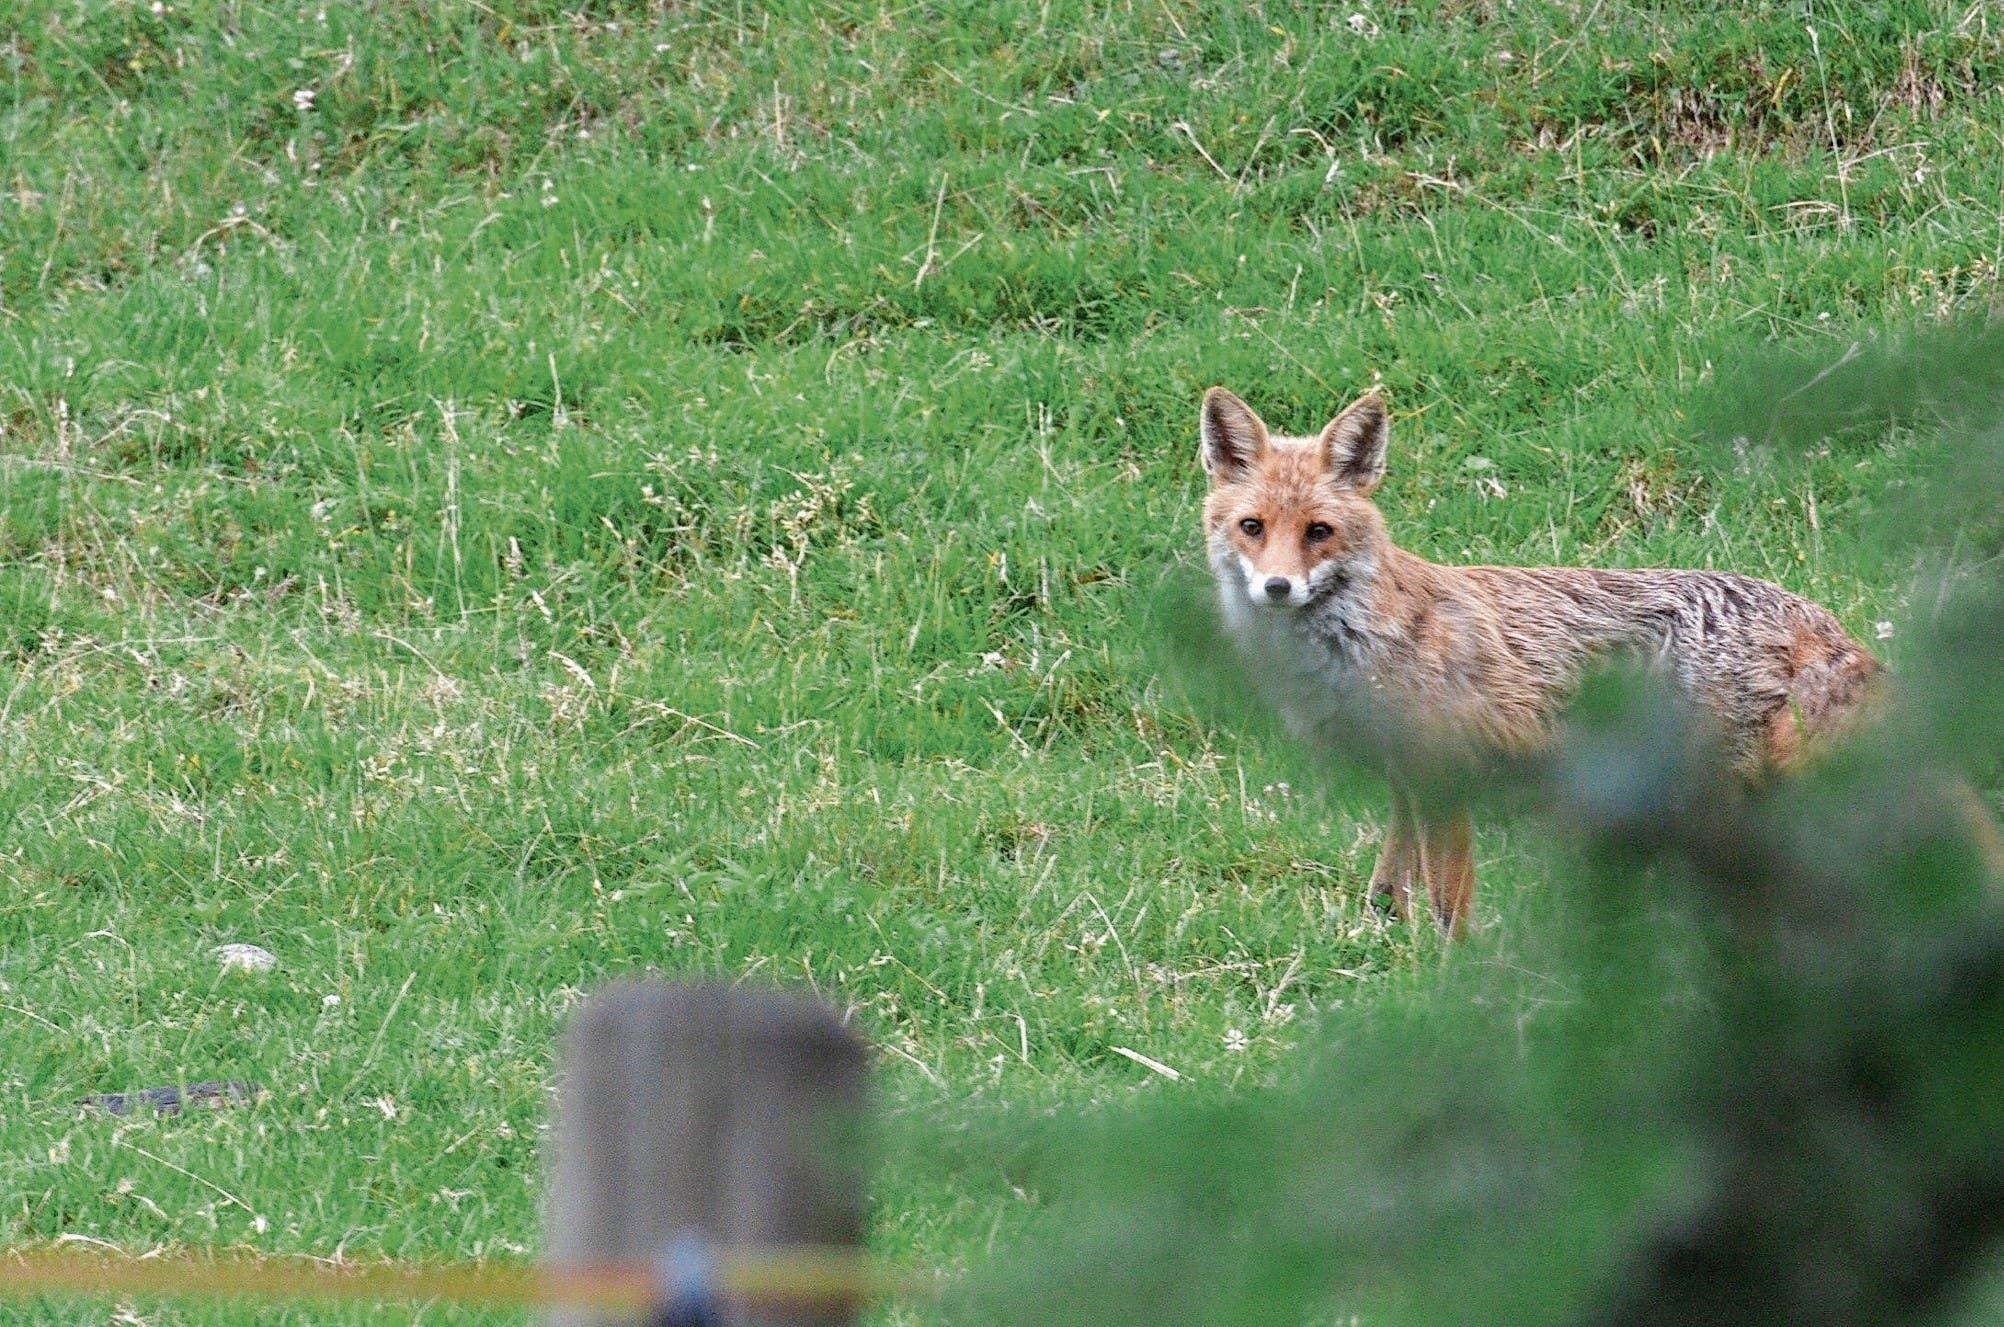 Ist es leise, wagen sich die Füchse bis zu den Häusern. Es handelt sich hier um einen der beiden Füchse des oberen Bildes.